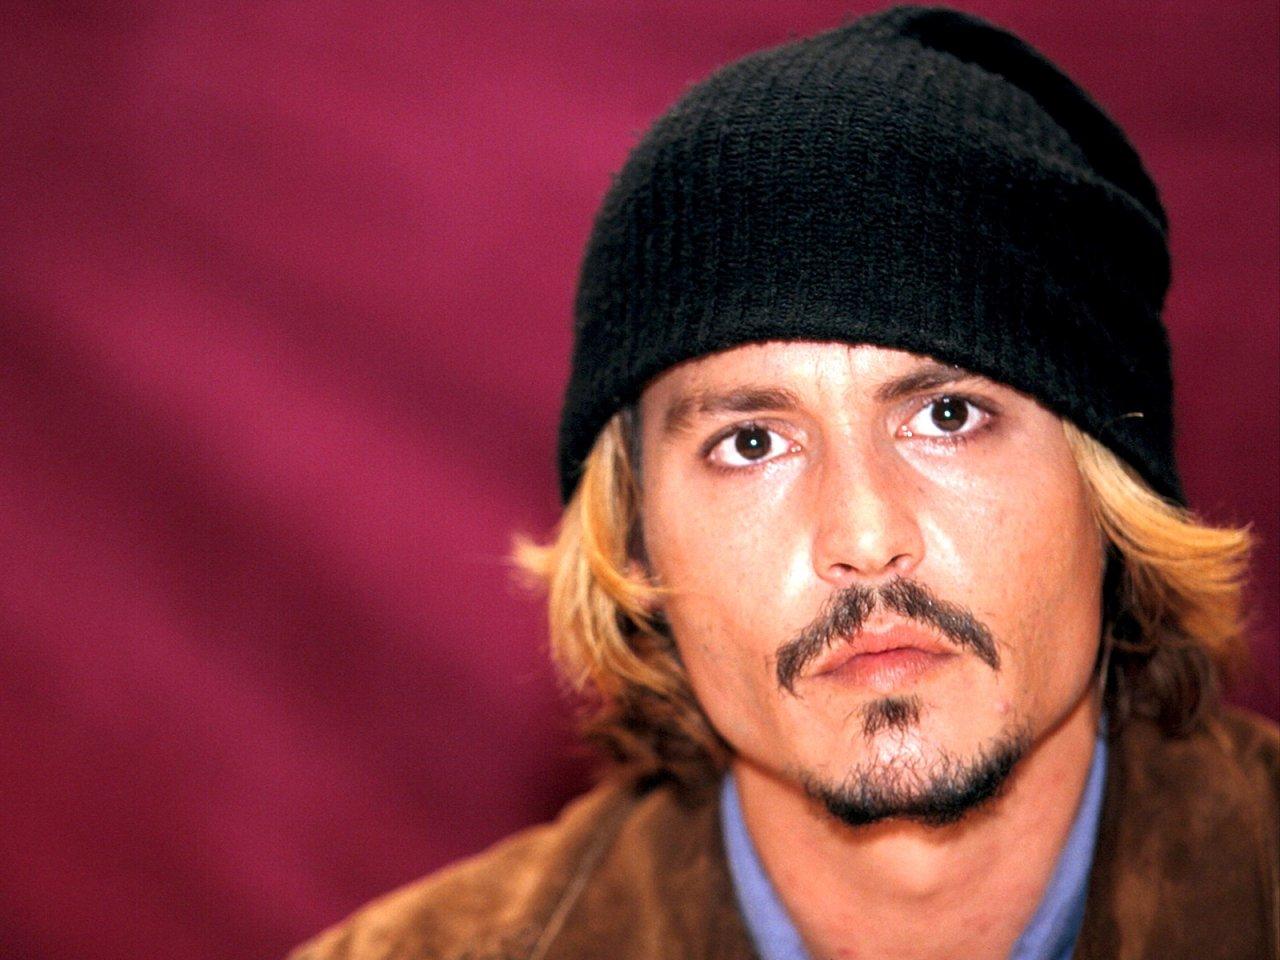 Johnny wallpapers   Johnny Depp Wallpaper 30872487 1280x960